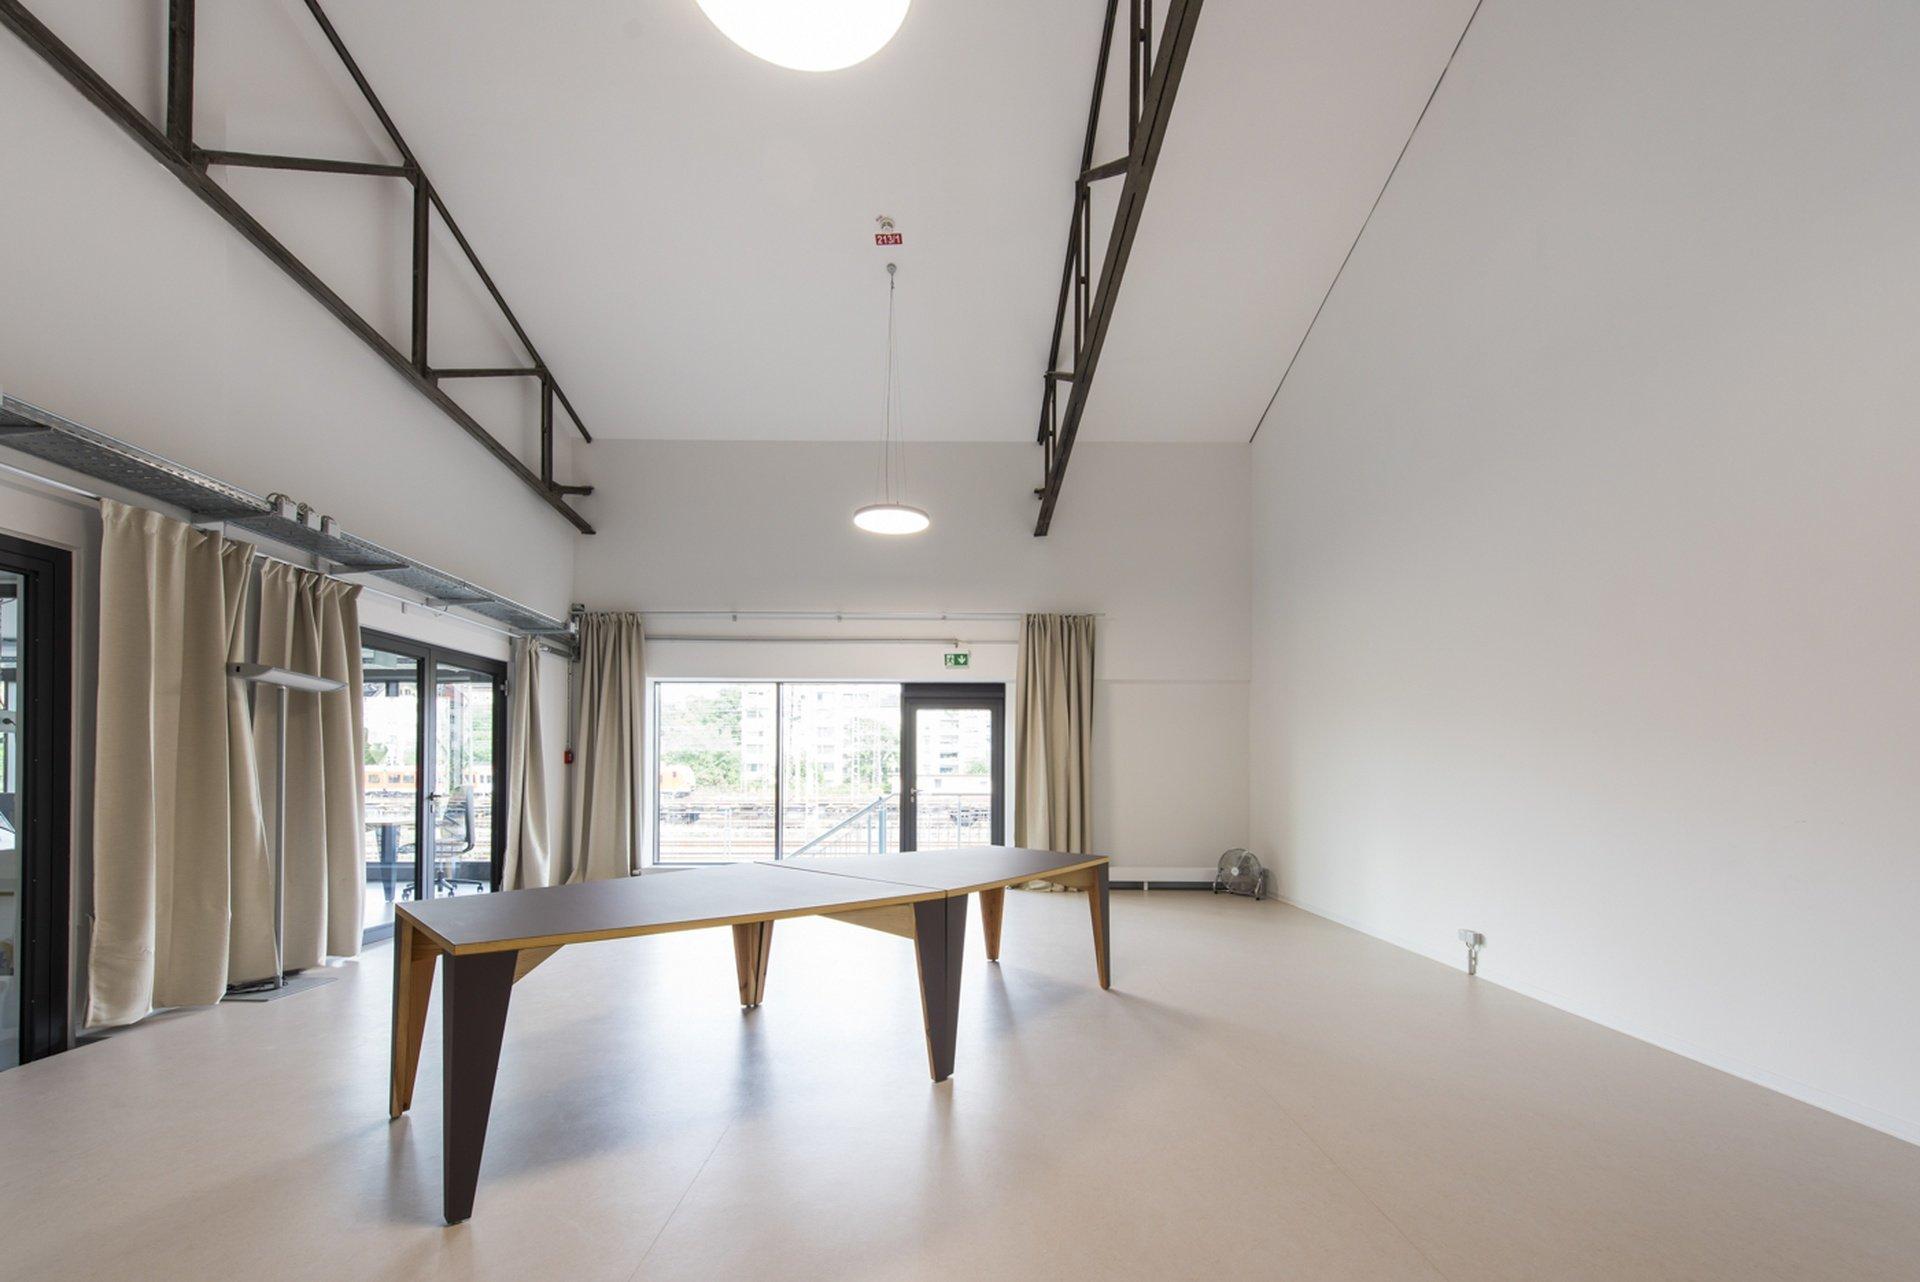 Frankfurt am Main workshop spaces Coworking Space Coworking-M1 / Güterhalle Süd image 0